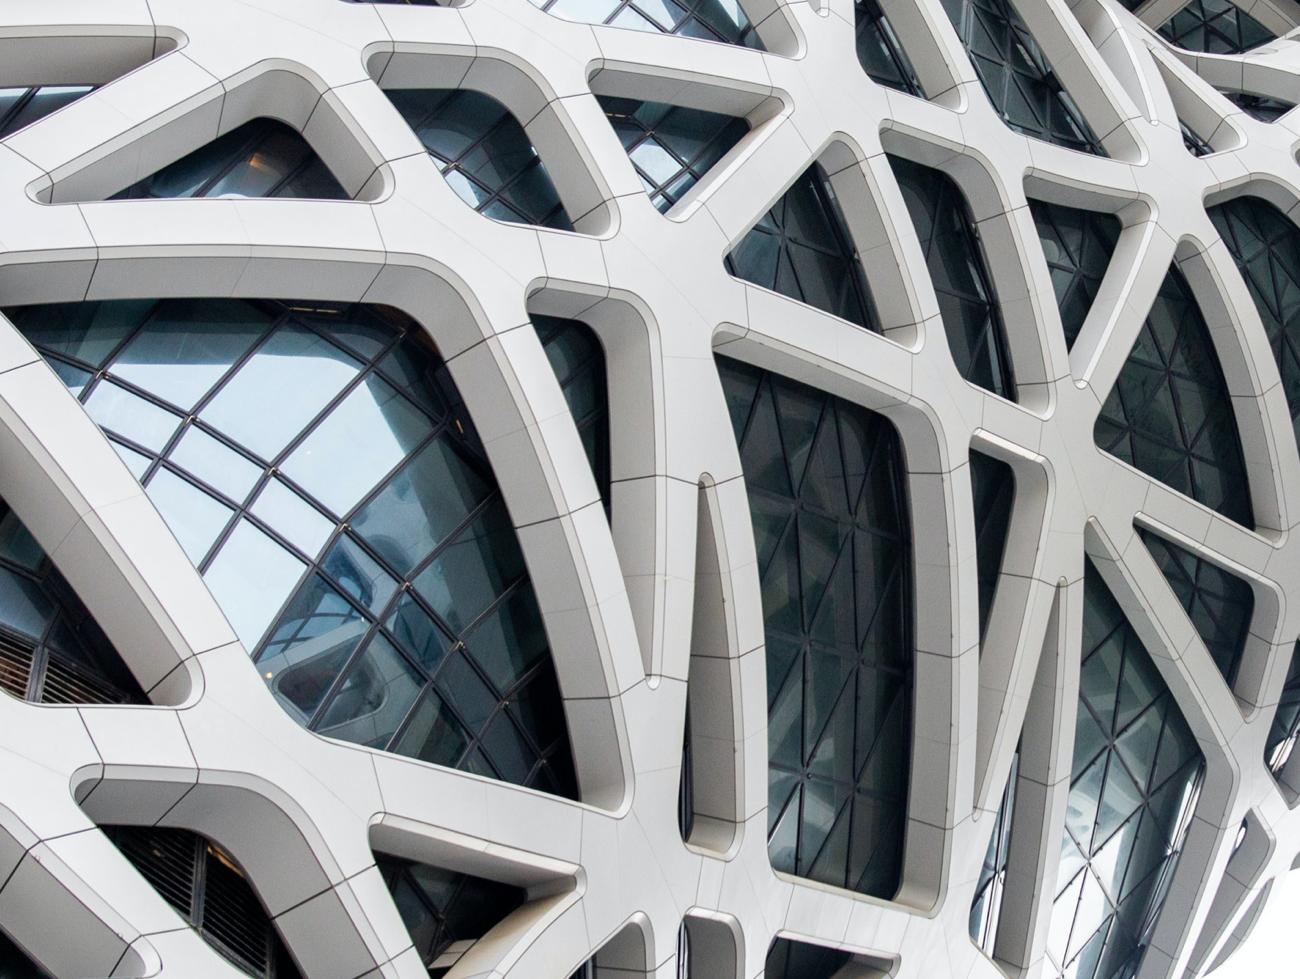 Продаем Architecture Refactoring клиенту или в чем проблема девелоперов